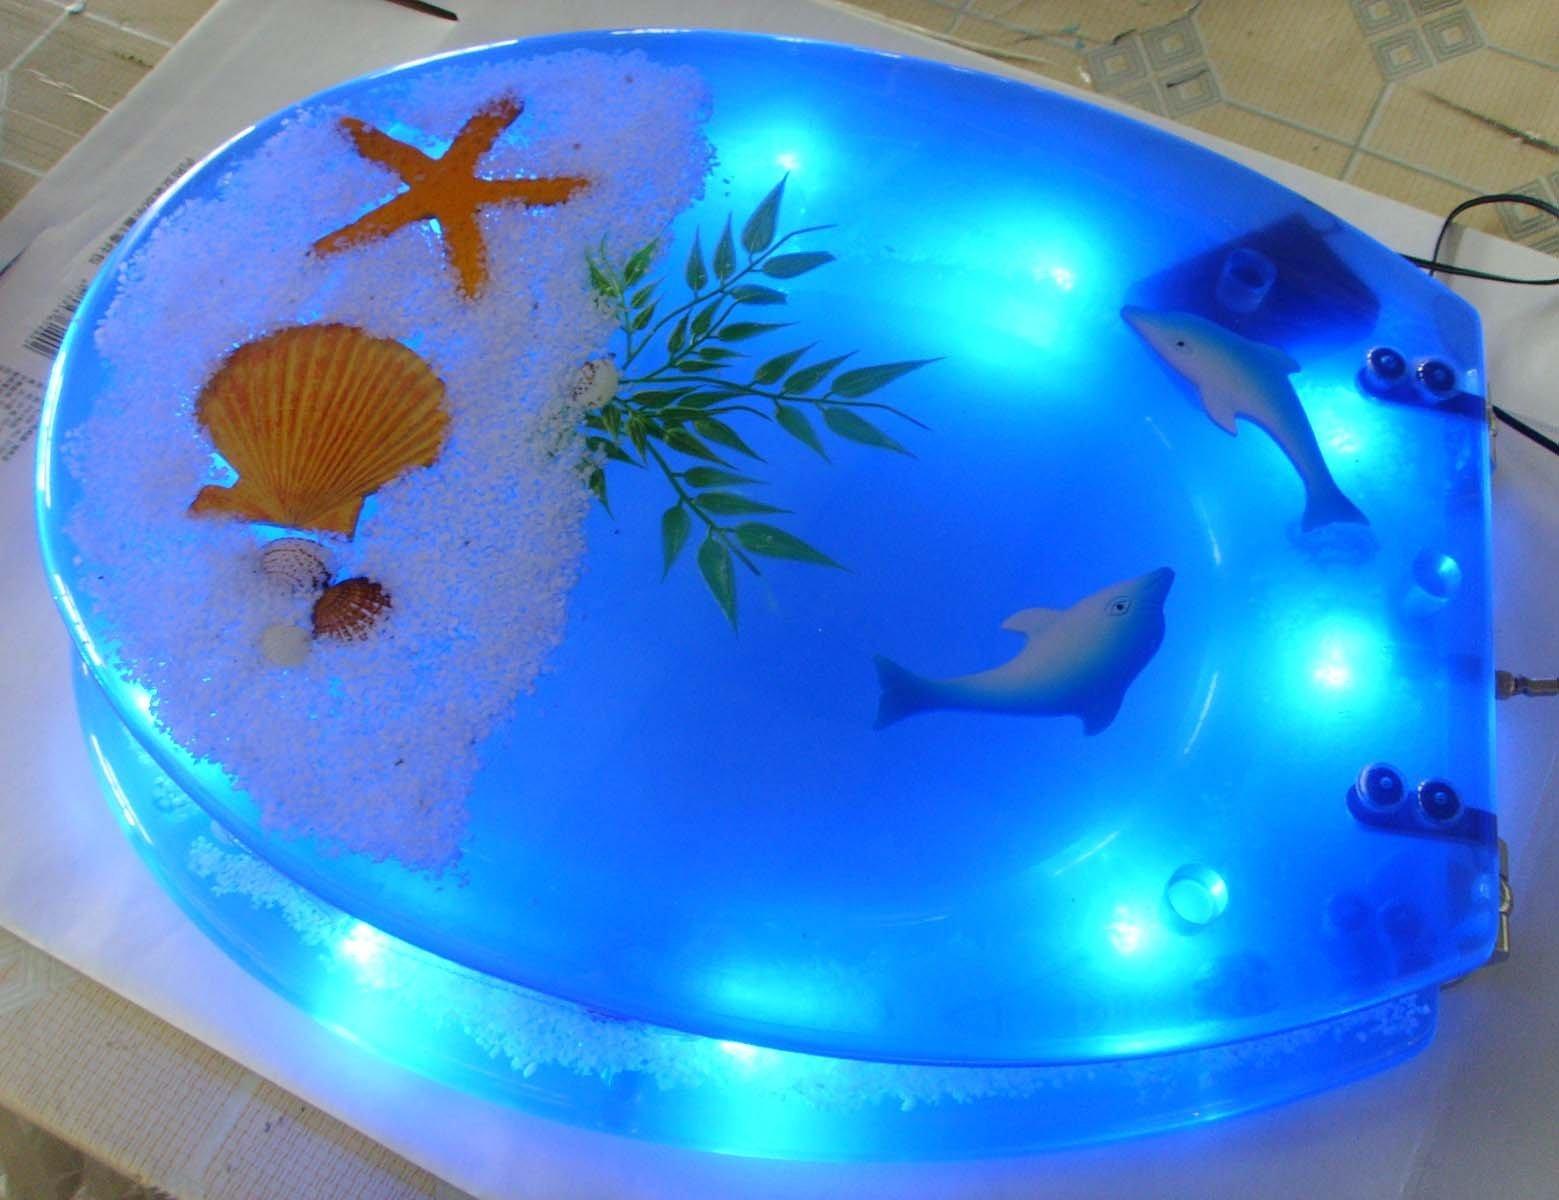 De Caixa Acoplada E Acessorios Em Geral Pictures to pin on Pinterest #01A4CA 1559x1200 Acessorios Banheiro Etna